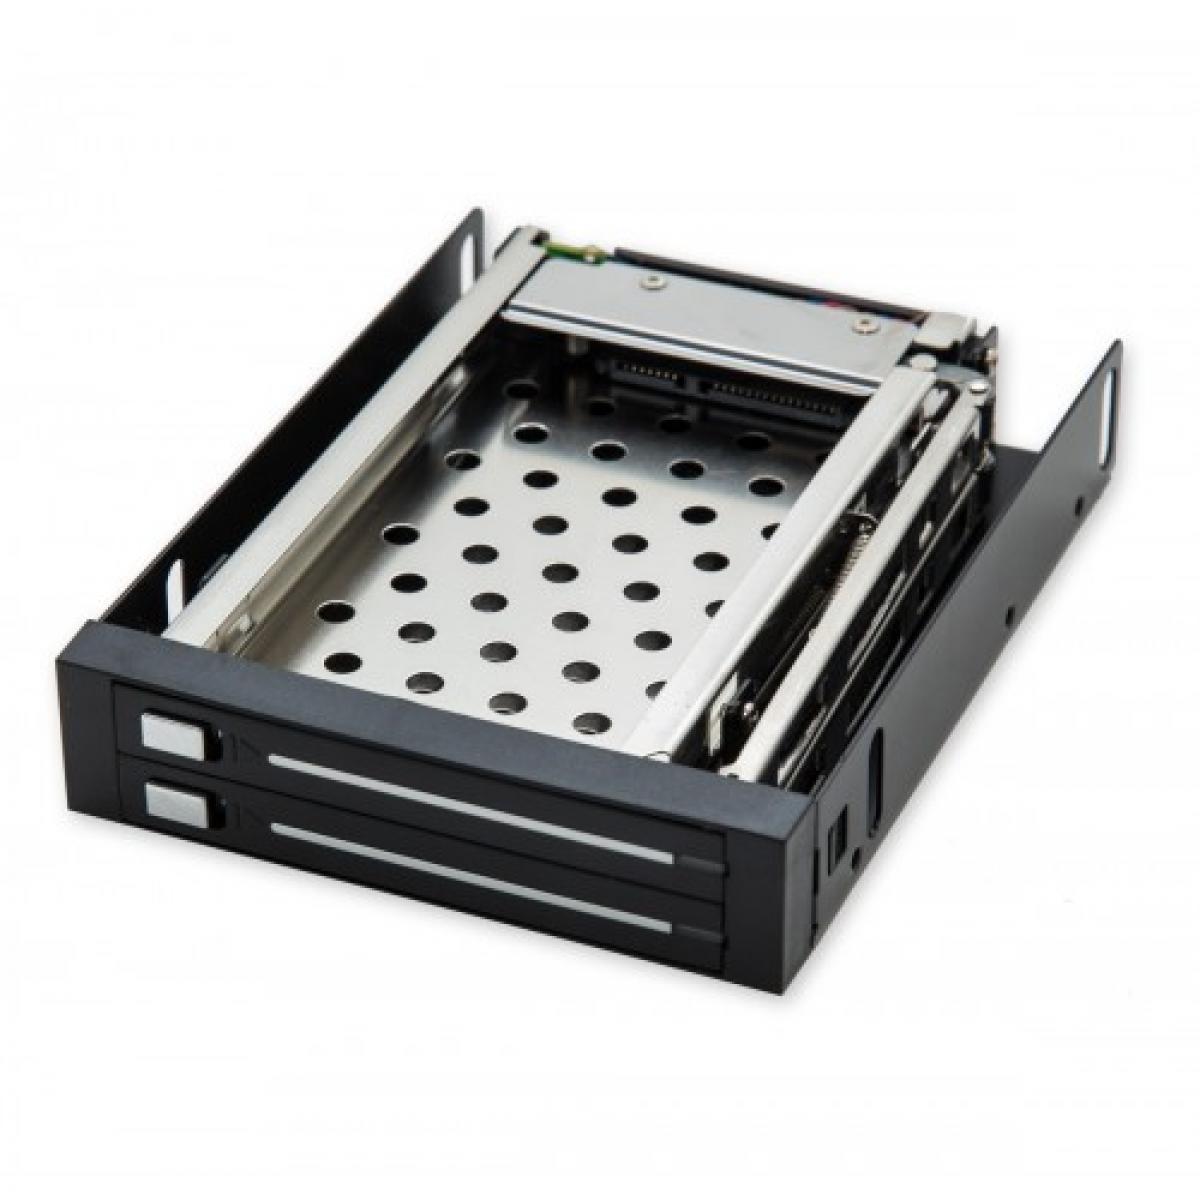 2 5 bay drive mobile rack sata ii gts amman jordan - Mobel reck ...